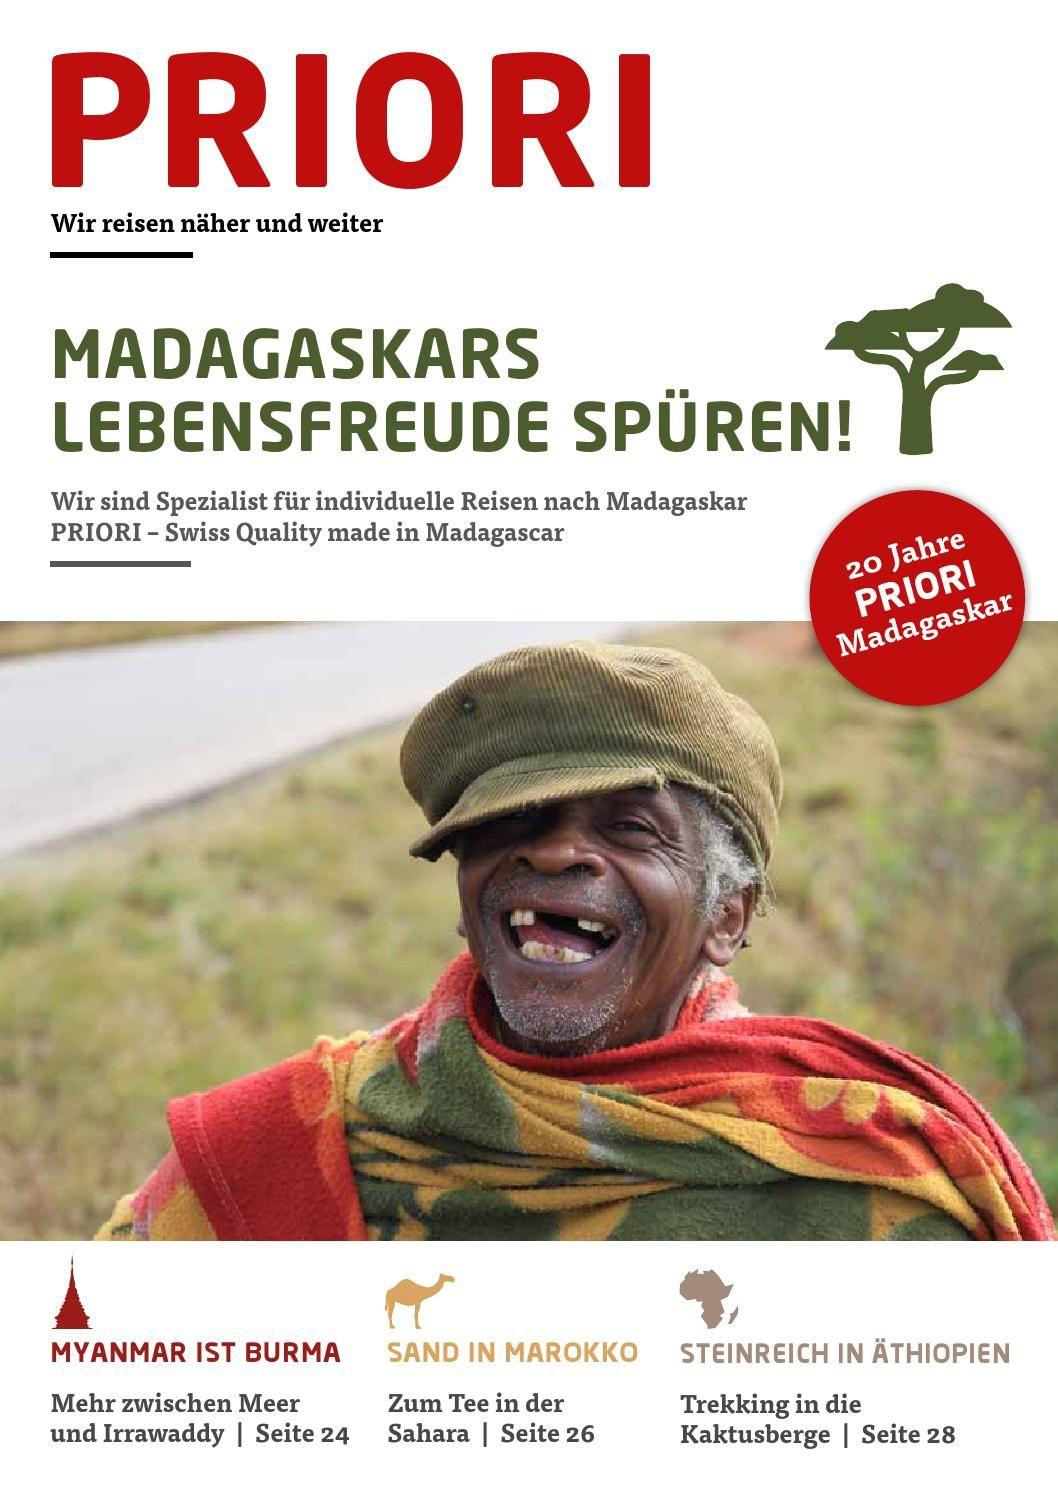 PRIORI Reisen stellt sich vor. Wir sind seit 20 Jahren mit einem Team vor Ort in Antananarivo und organisieren individuelle Reisen mit hohem sozialem Anspruch in Madagaskar, zuverlässig und Swiss Quality Made in Madagascar.